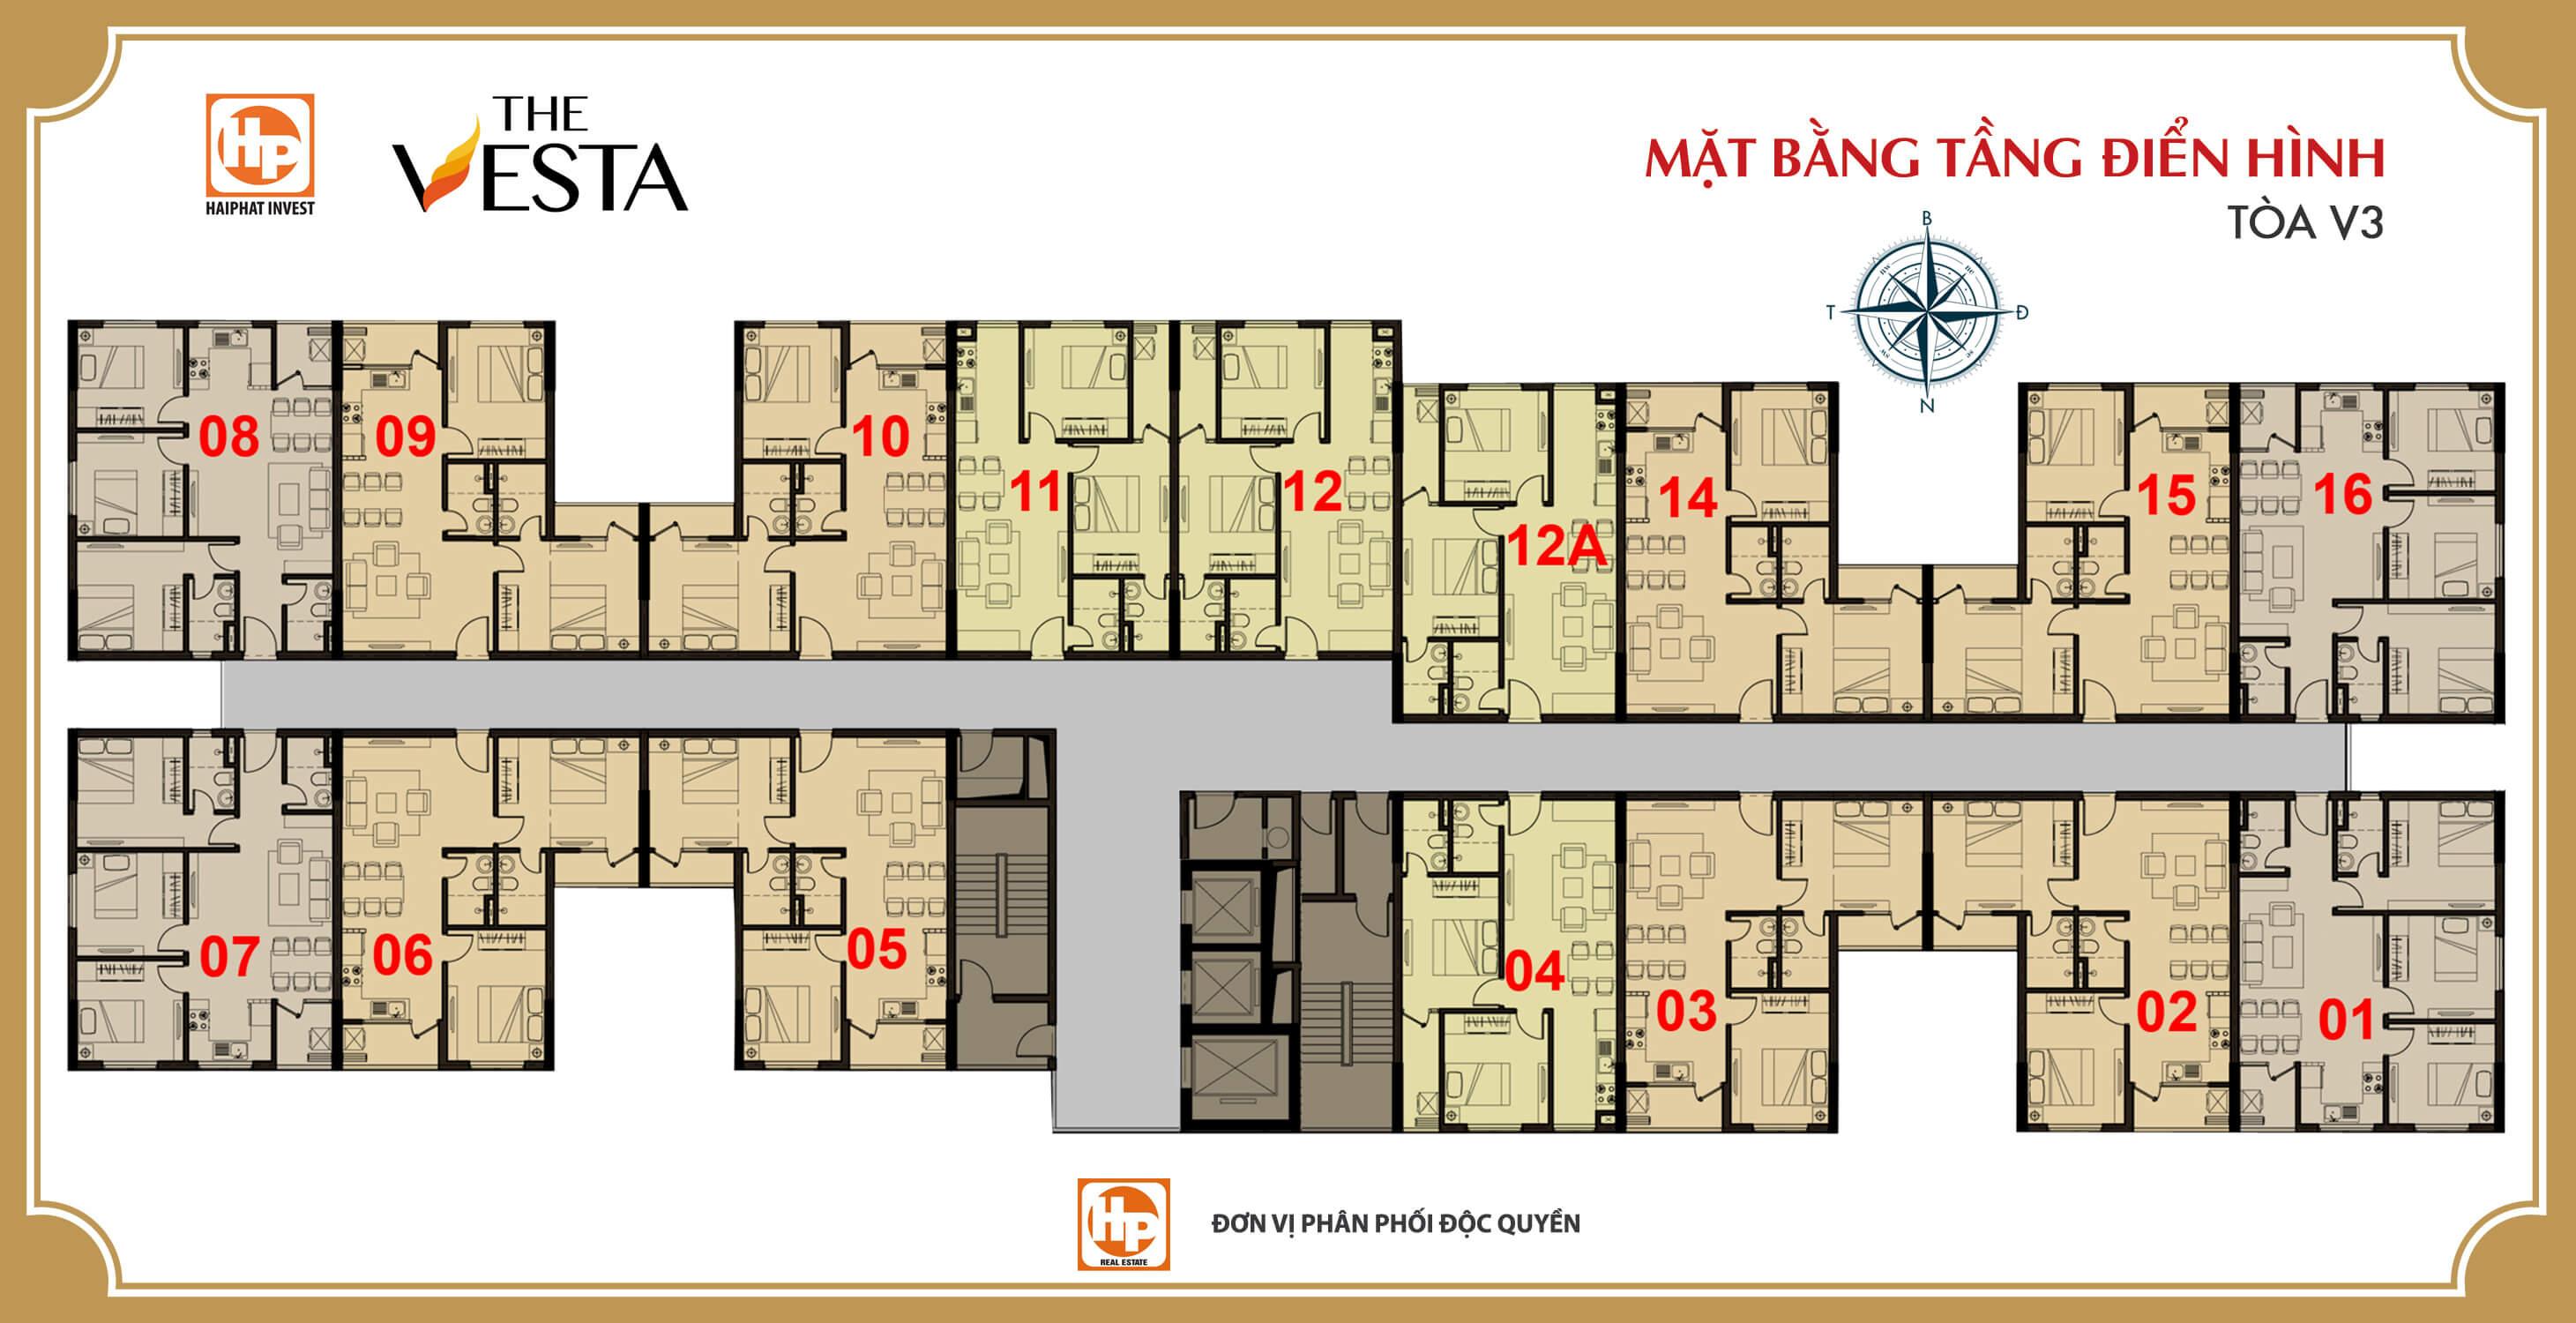 mat bang dien hinh toa v3 the vesta 38